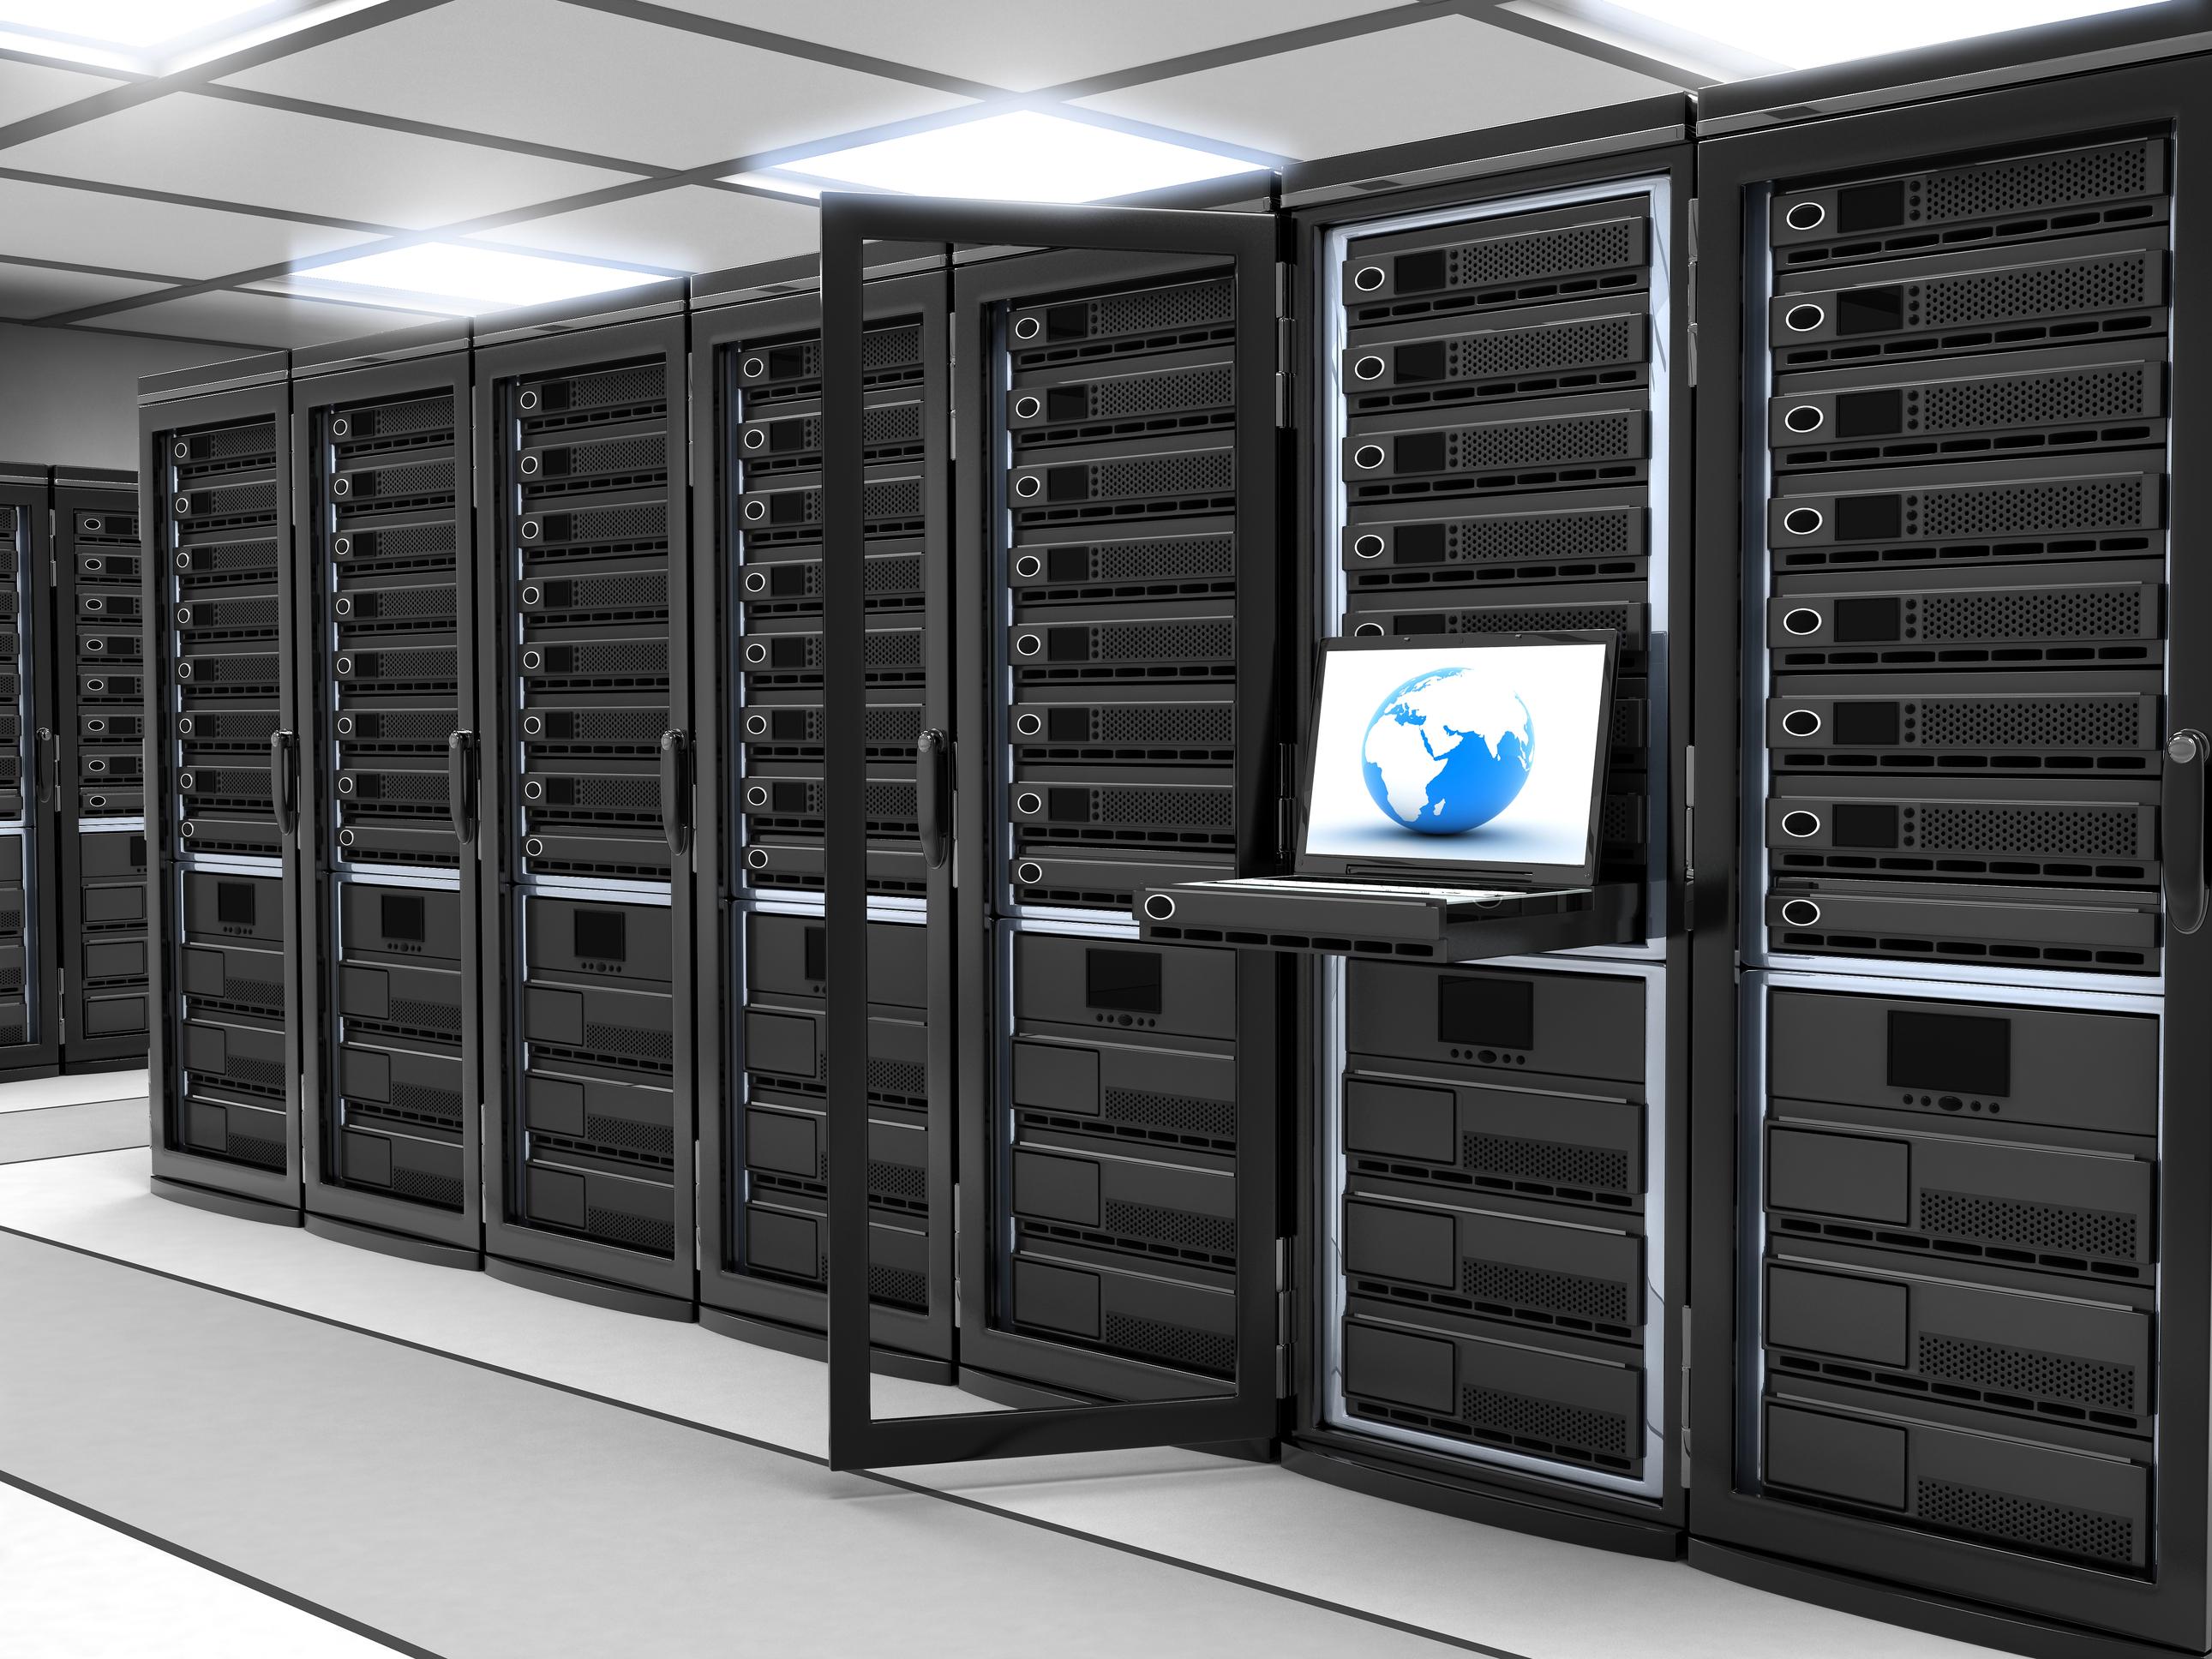 Server Room Failover Design